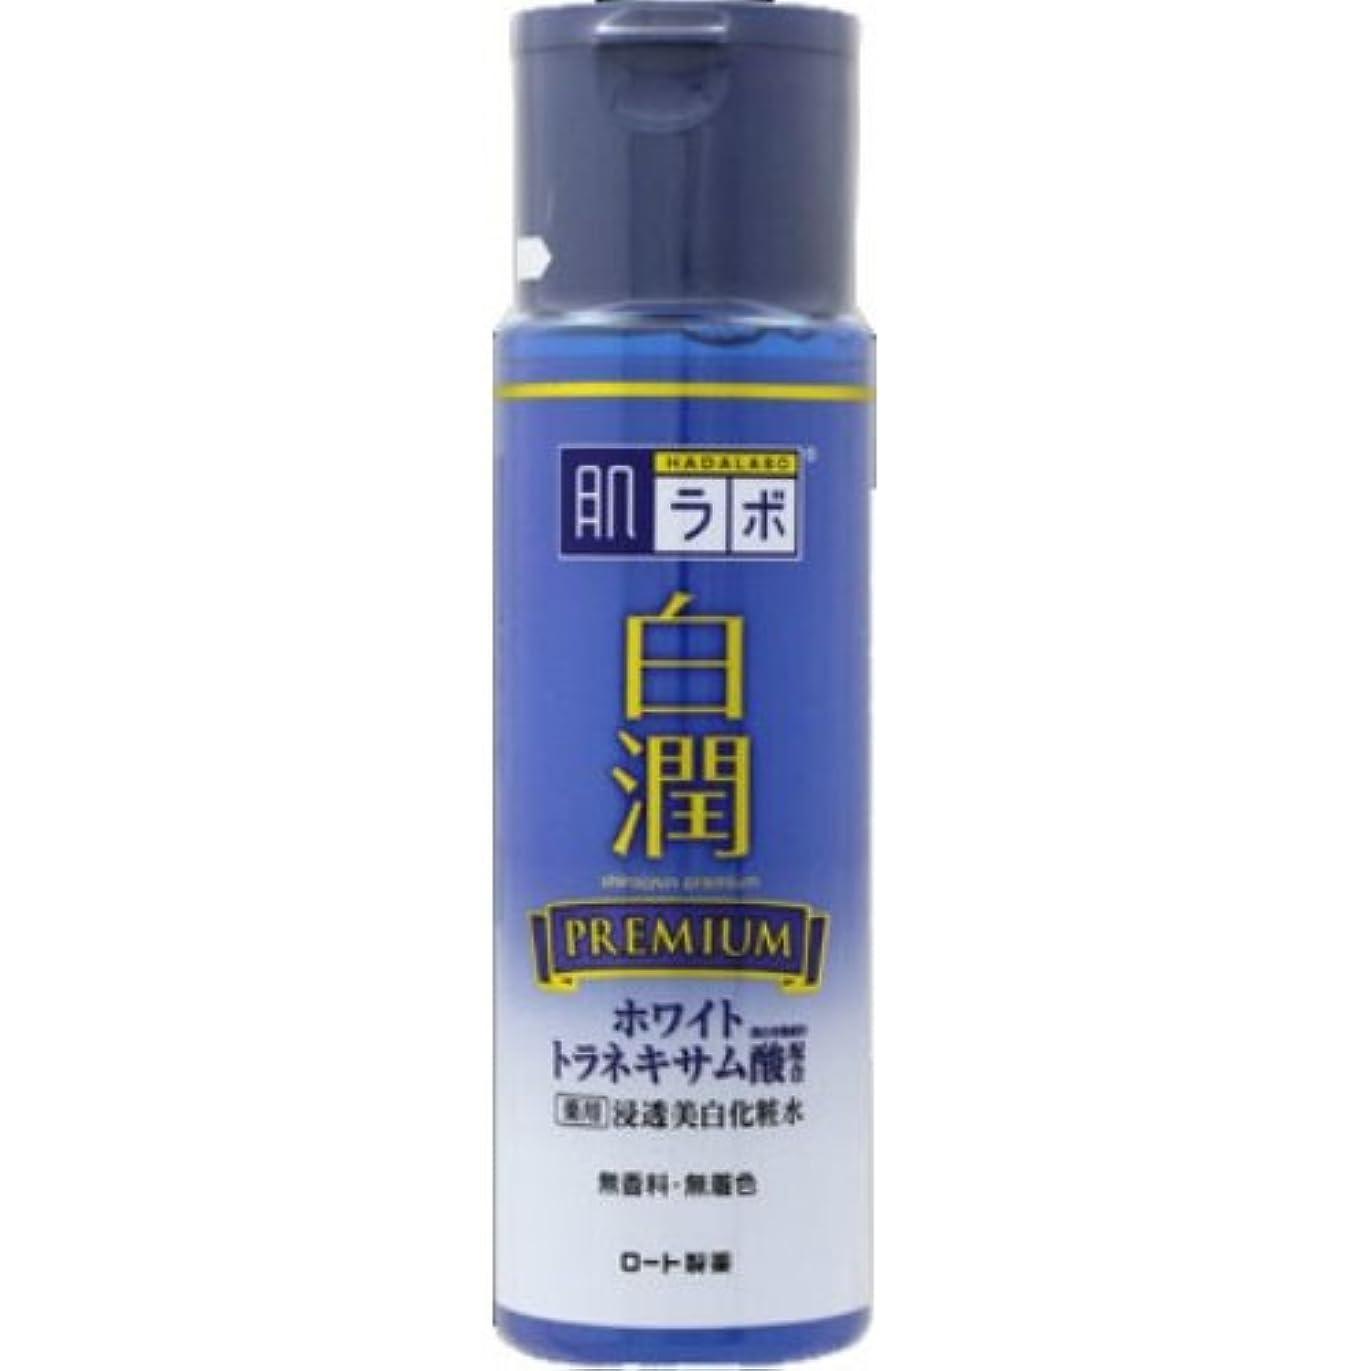 ビーム差し引く流出肌ラボ 白潤プレミアム 薬用浸透美白化粧水 170mL × 10個セット